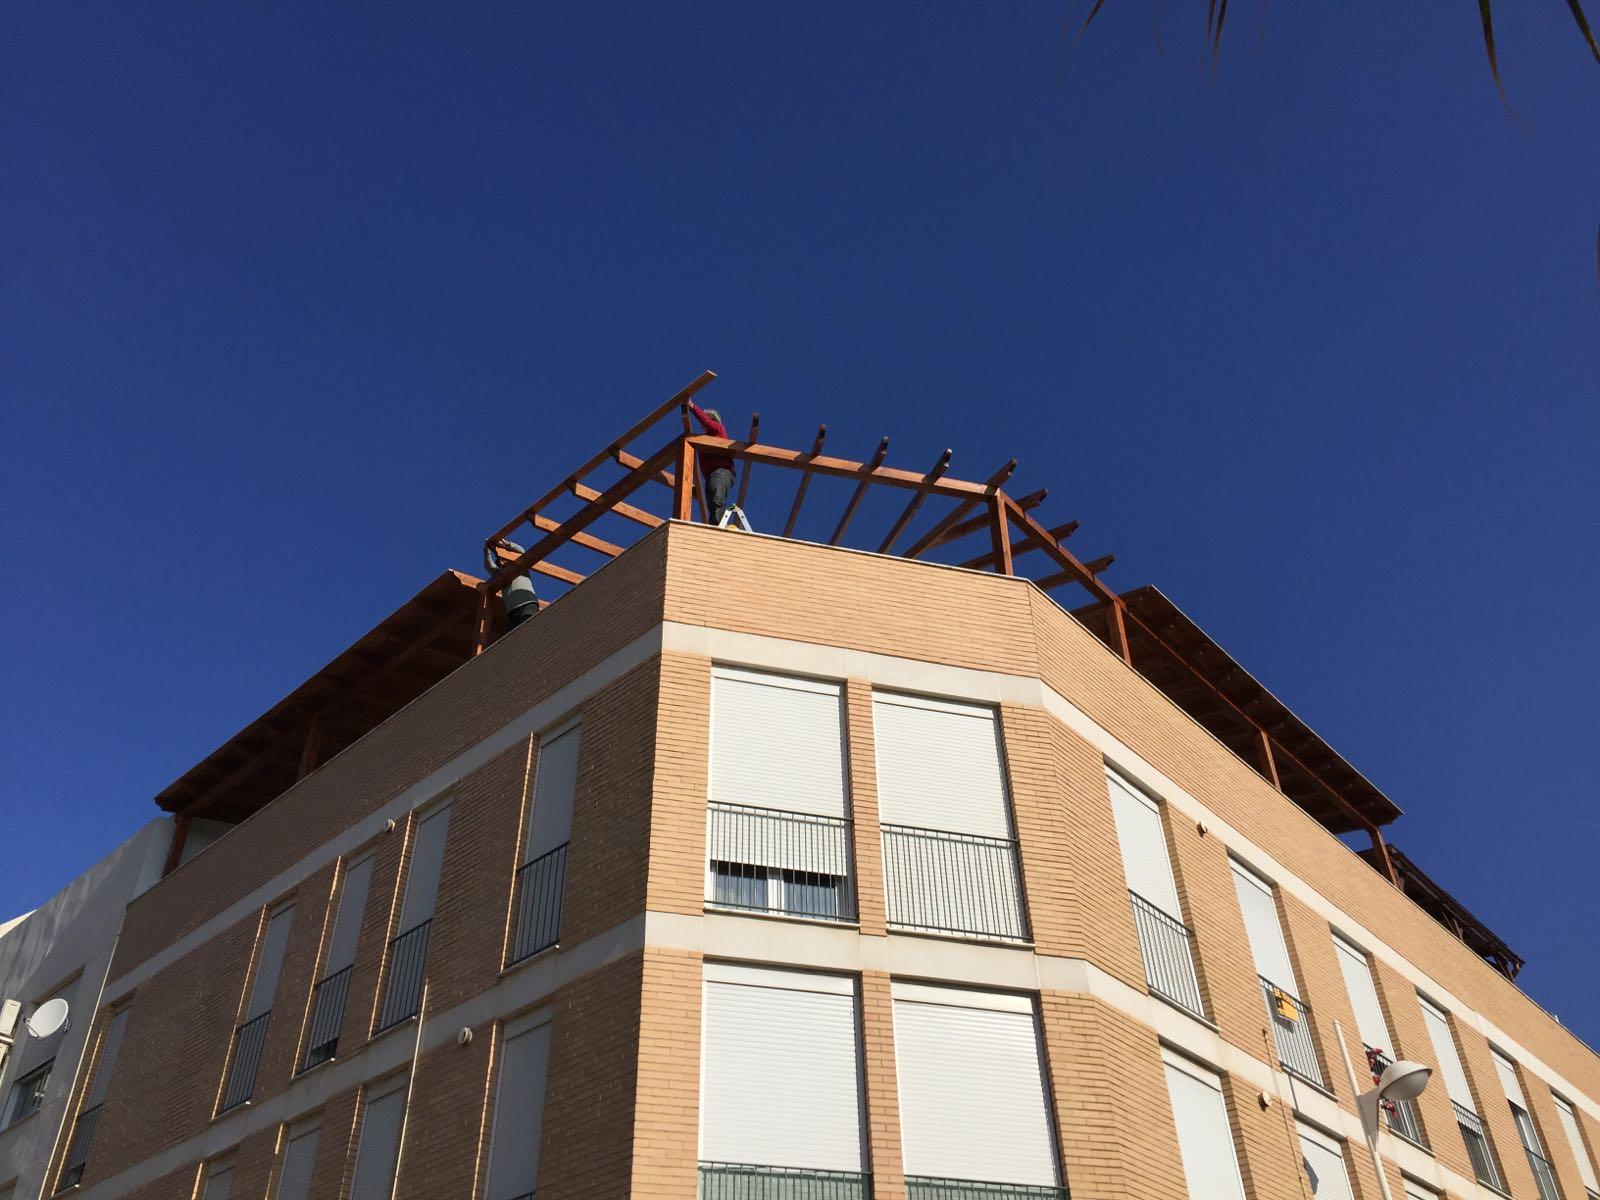 P rgola en la terraza de un tico 3 maderascastellar - Pergola terraza atico ...